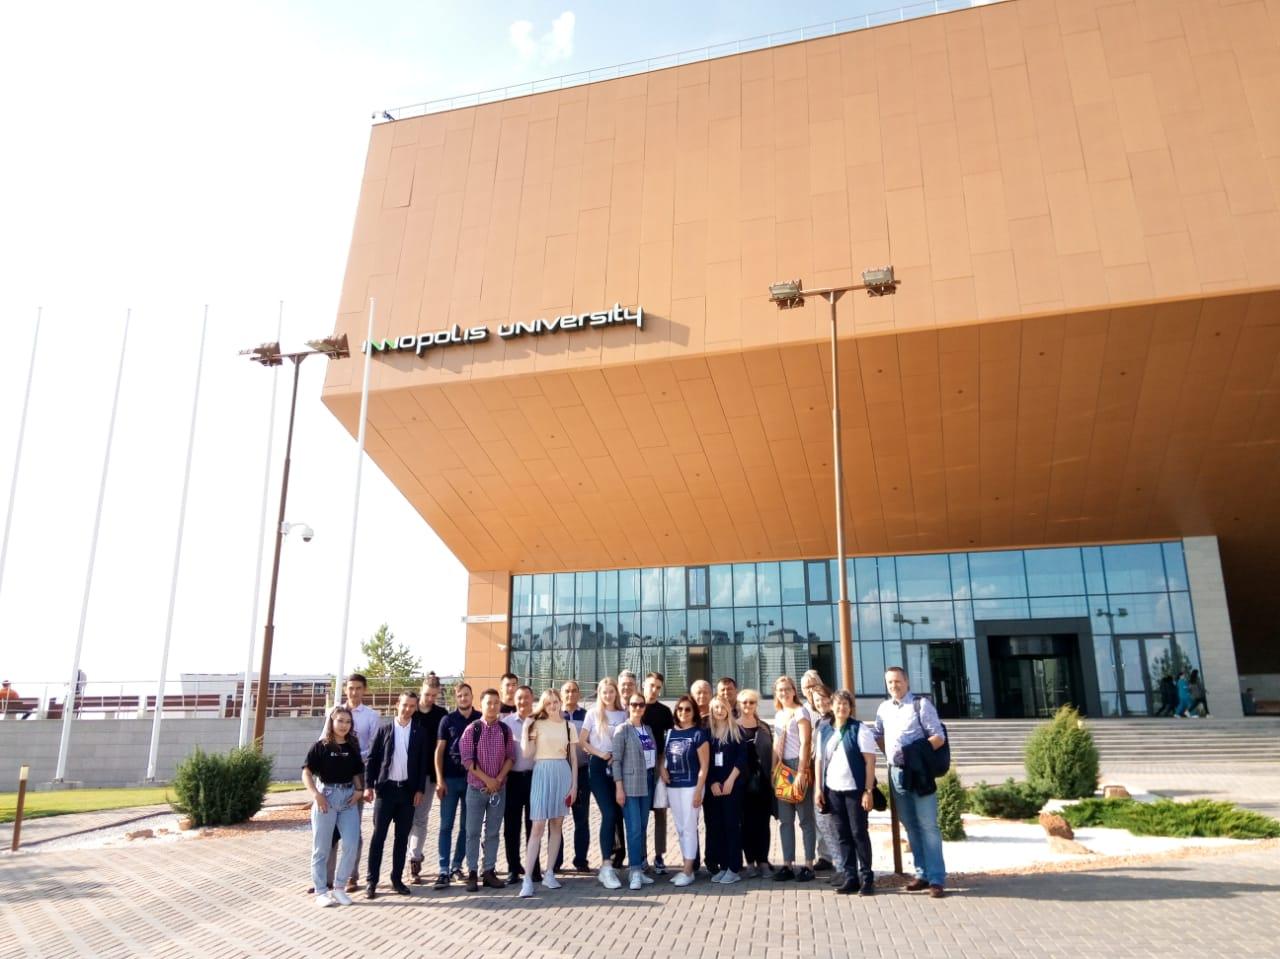 Innopolis - skupinska fotografija pred poslopjem univerze